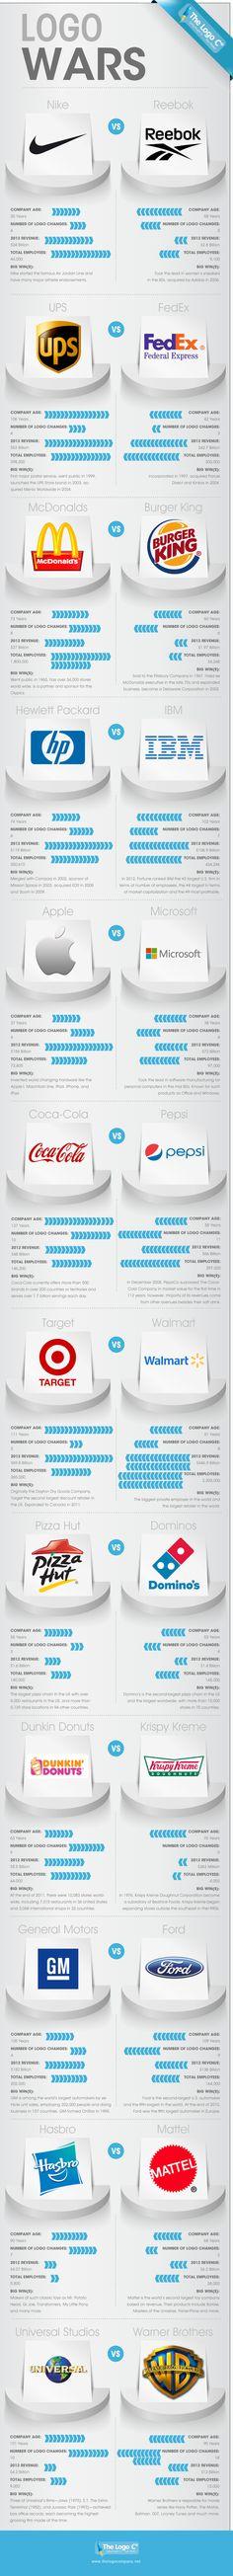 Comparación de logos cambios en logos de empresas con grandes marcas. #Infografía en inglés. Nombre original: Logo wars.